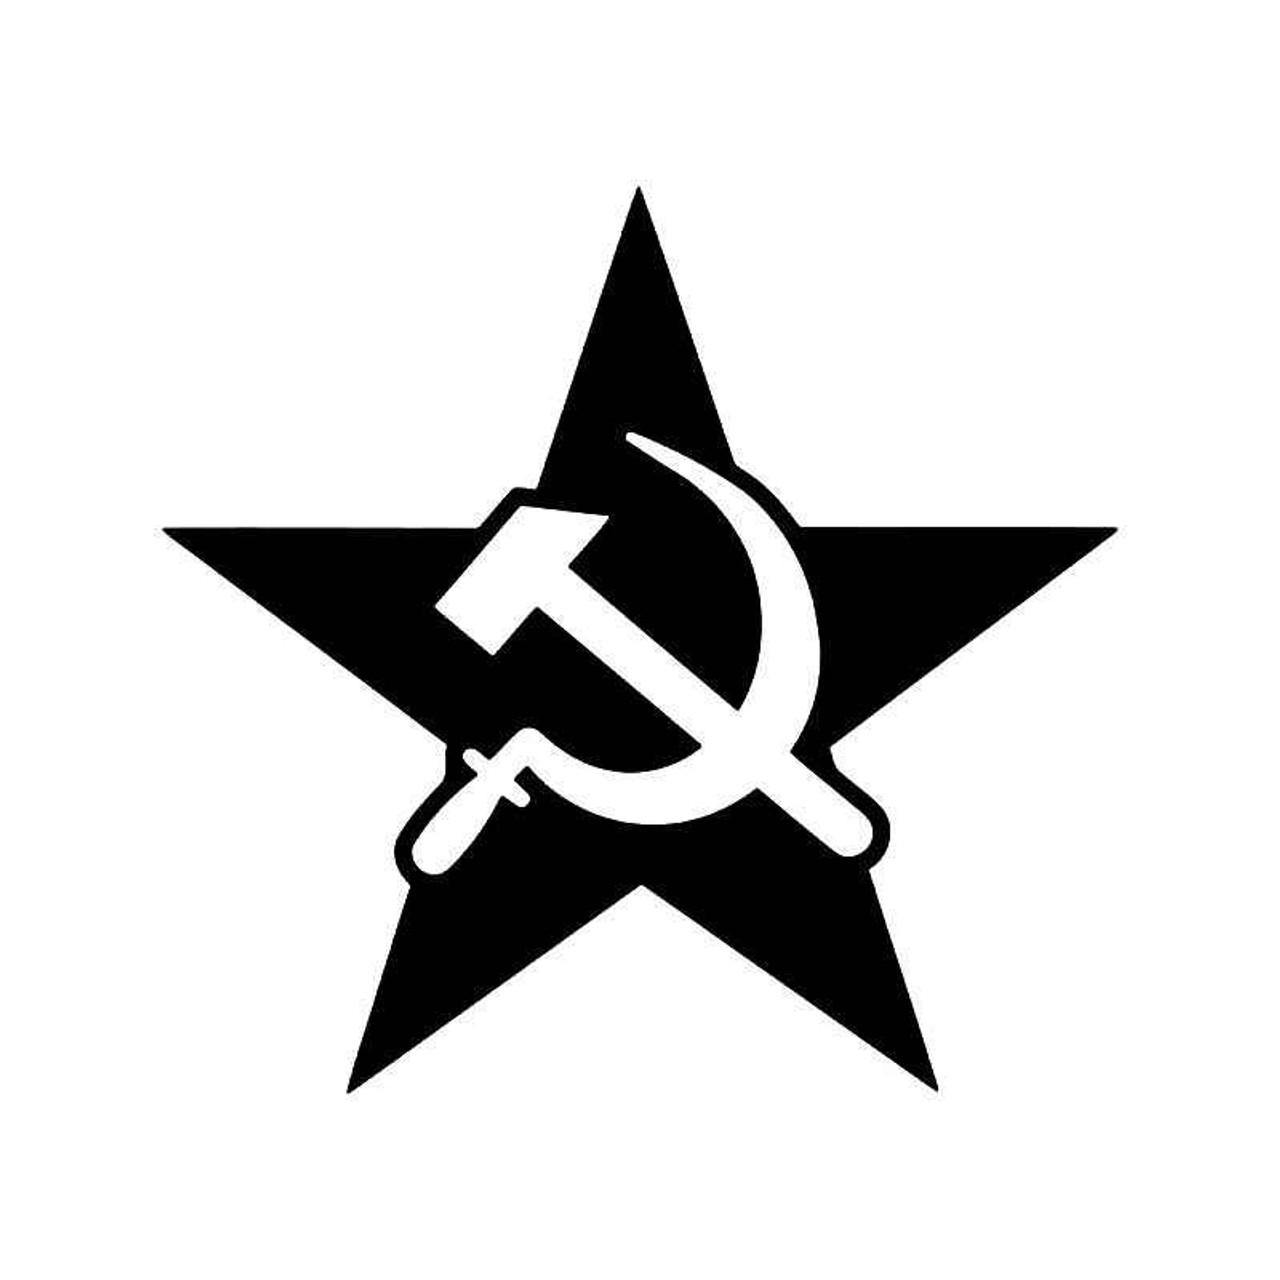 Russia Star Sickle Hammer Vinyl Sticker